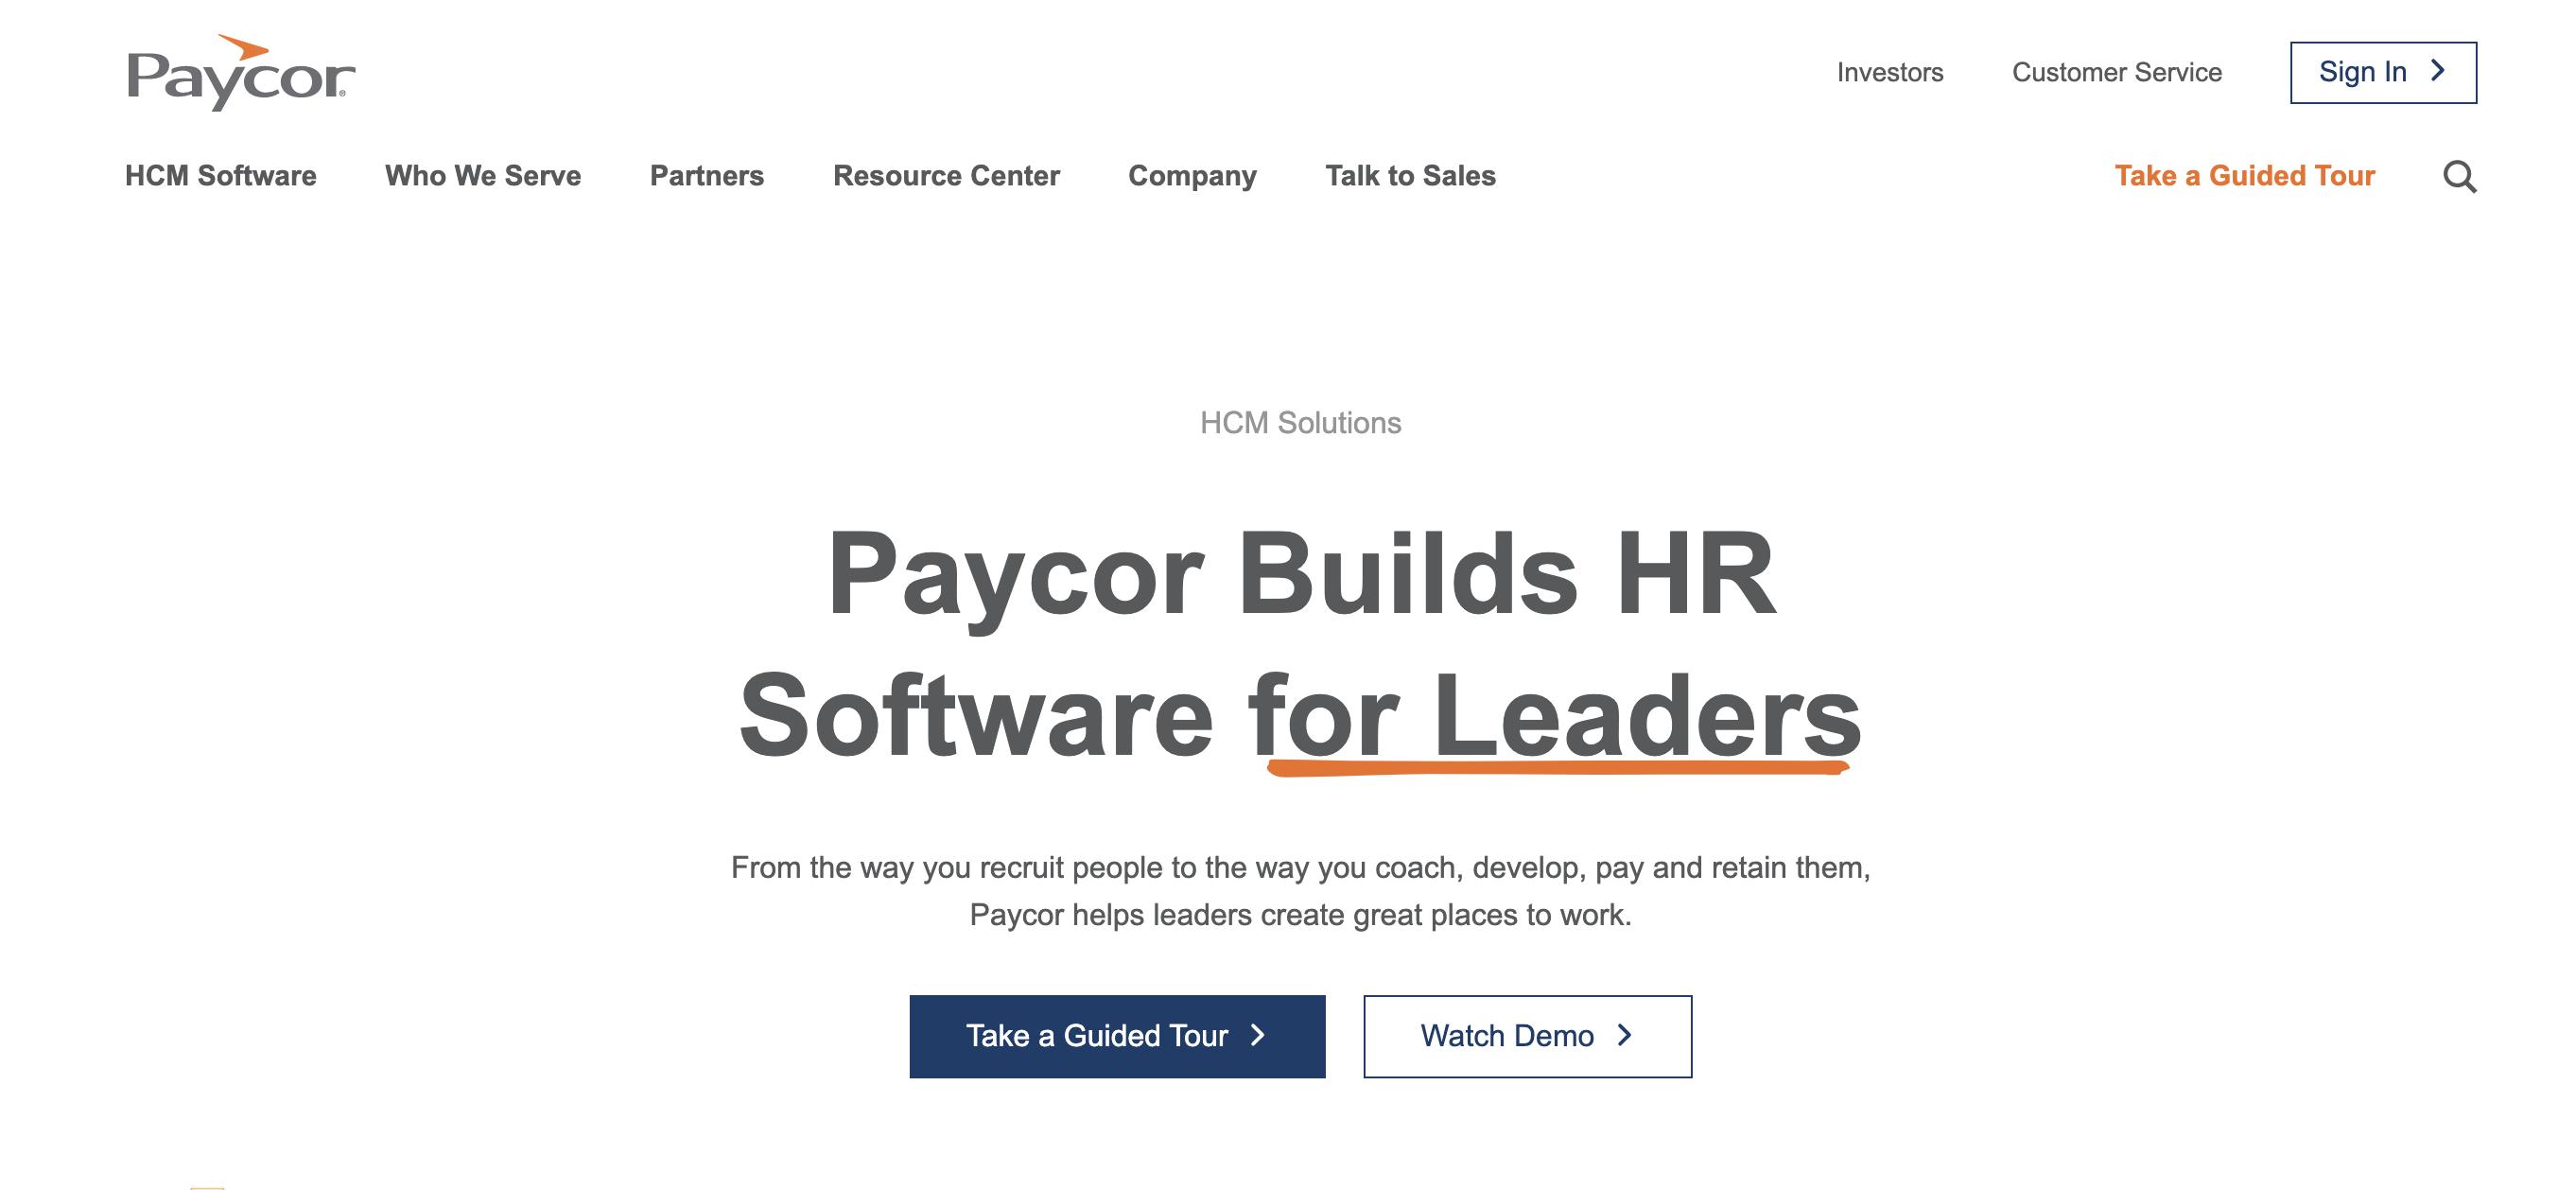 Paycor Company